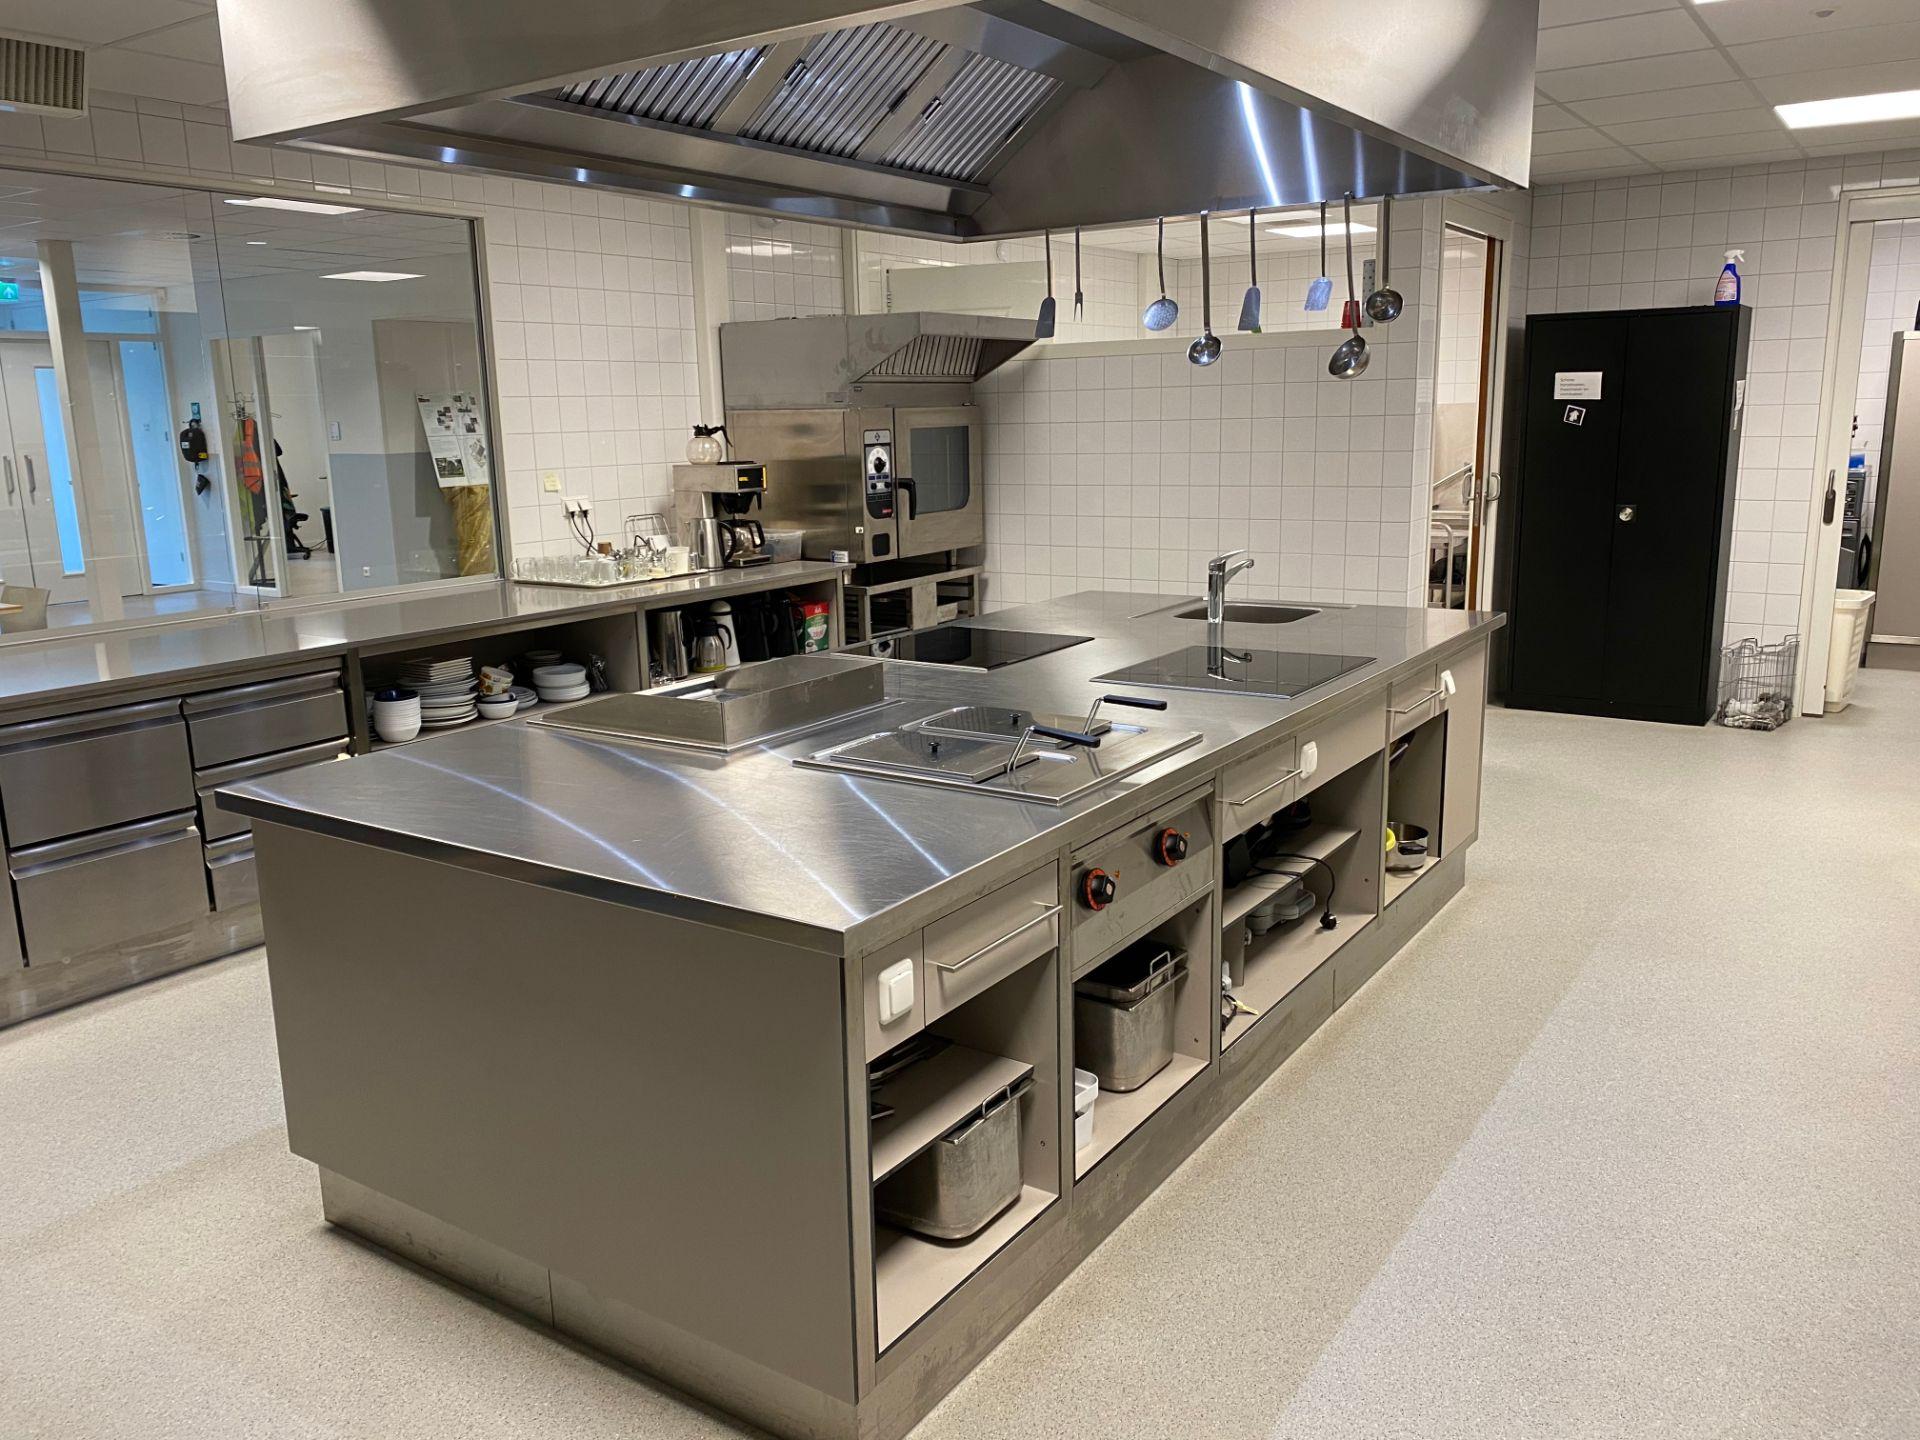 Kooklokaal Vosheuvel